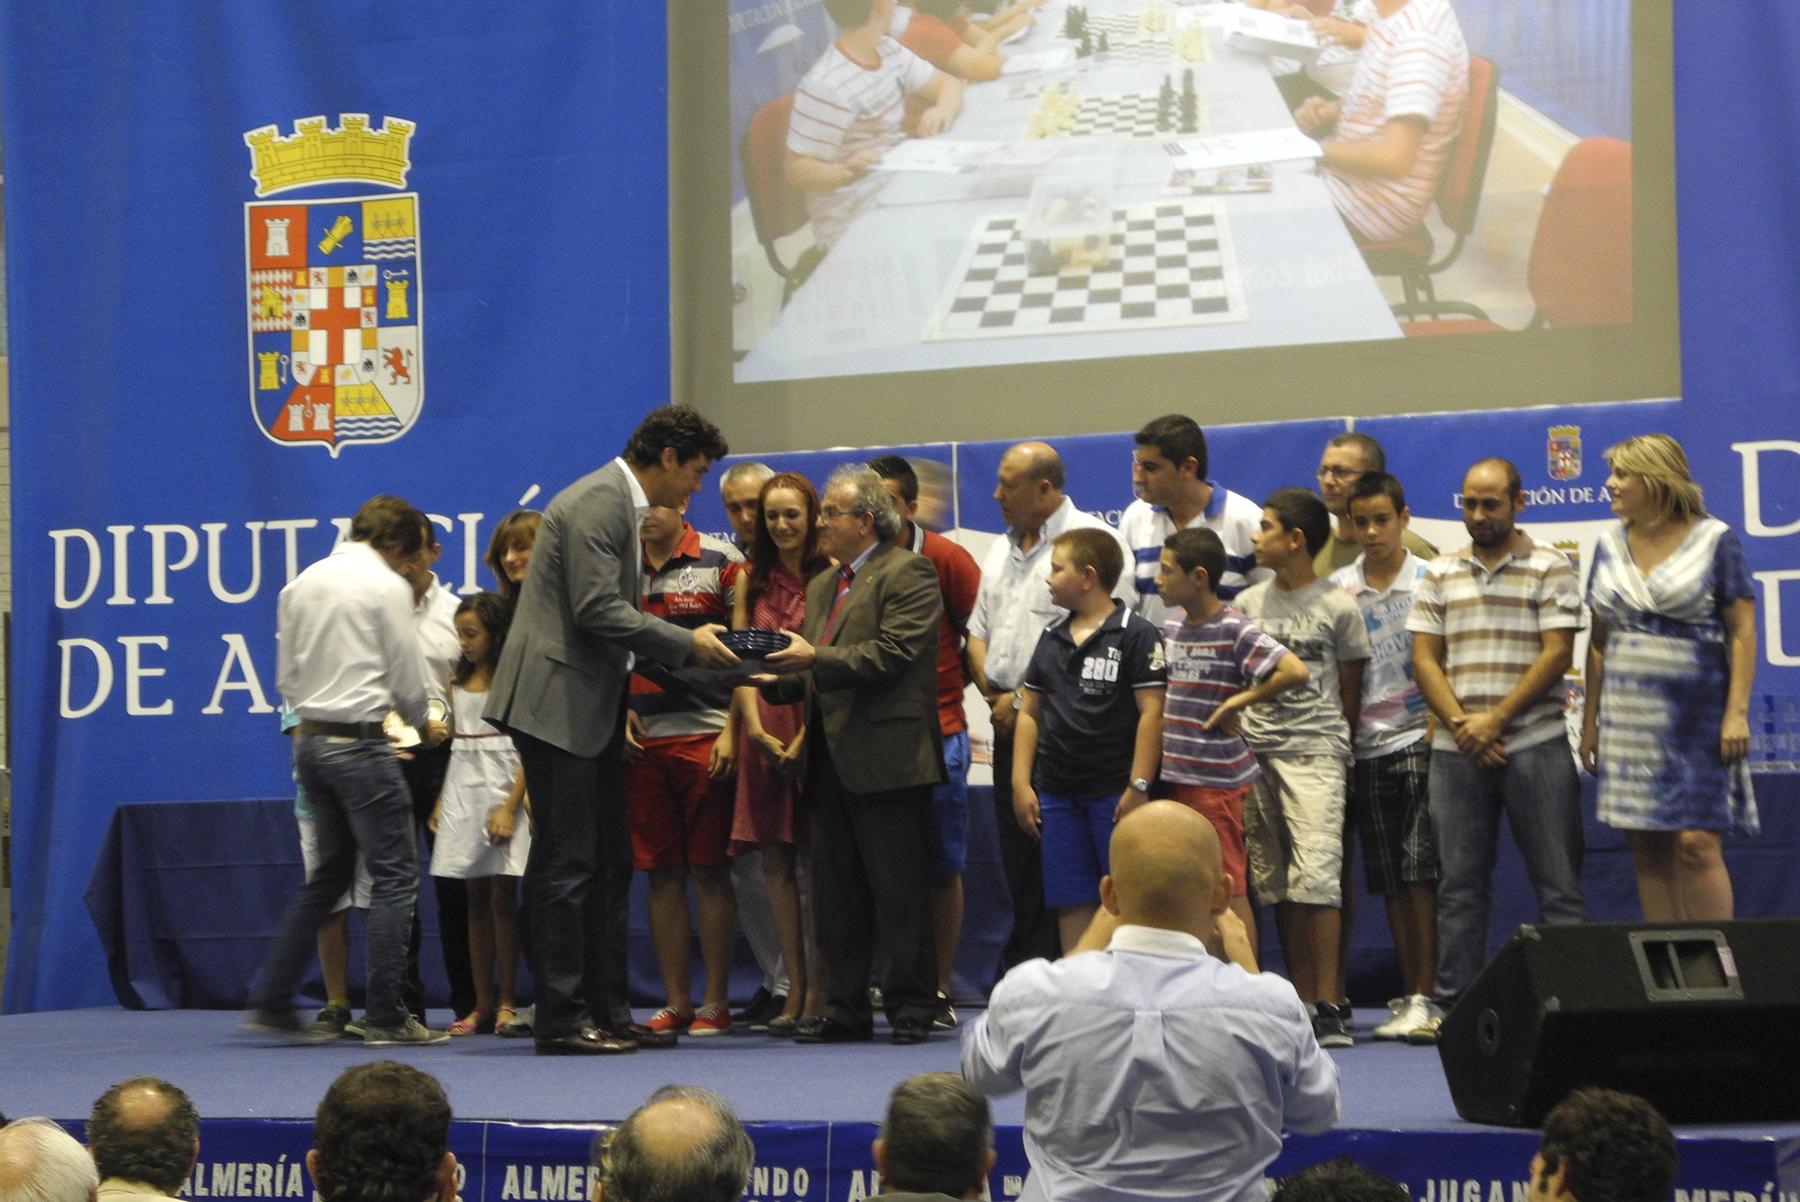 Premios y Galardones Almería Juega Limpio 2012